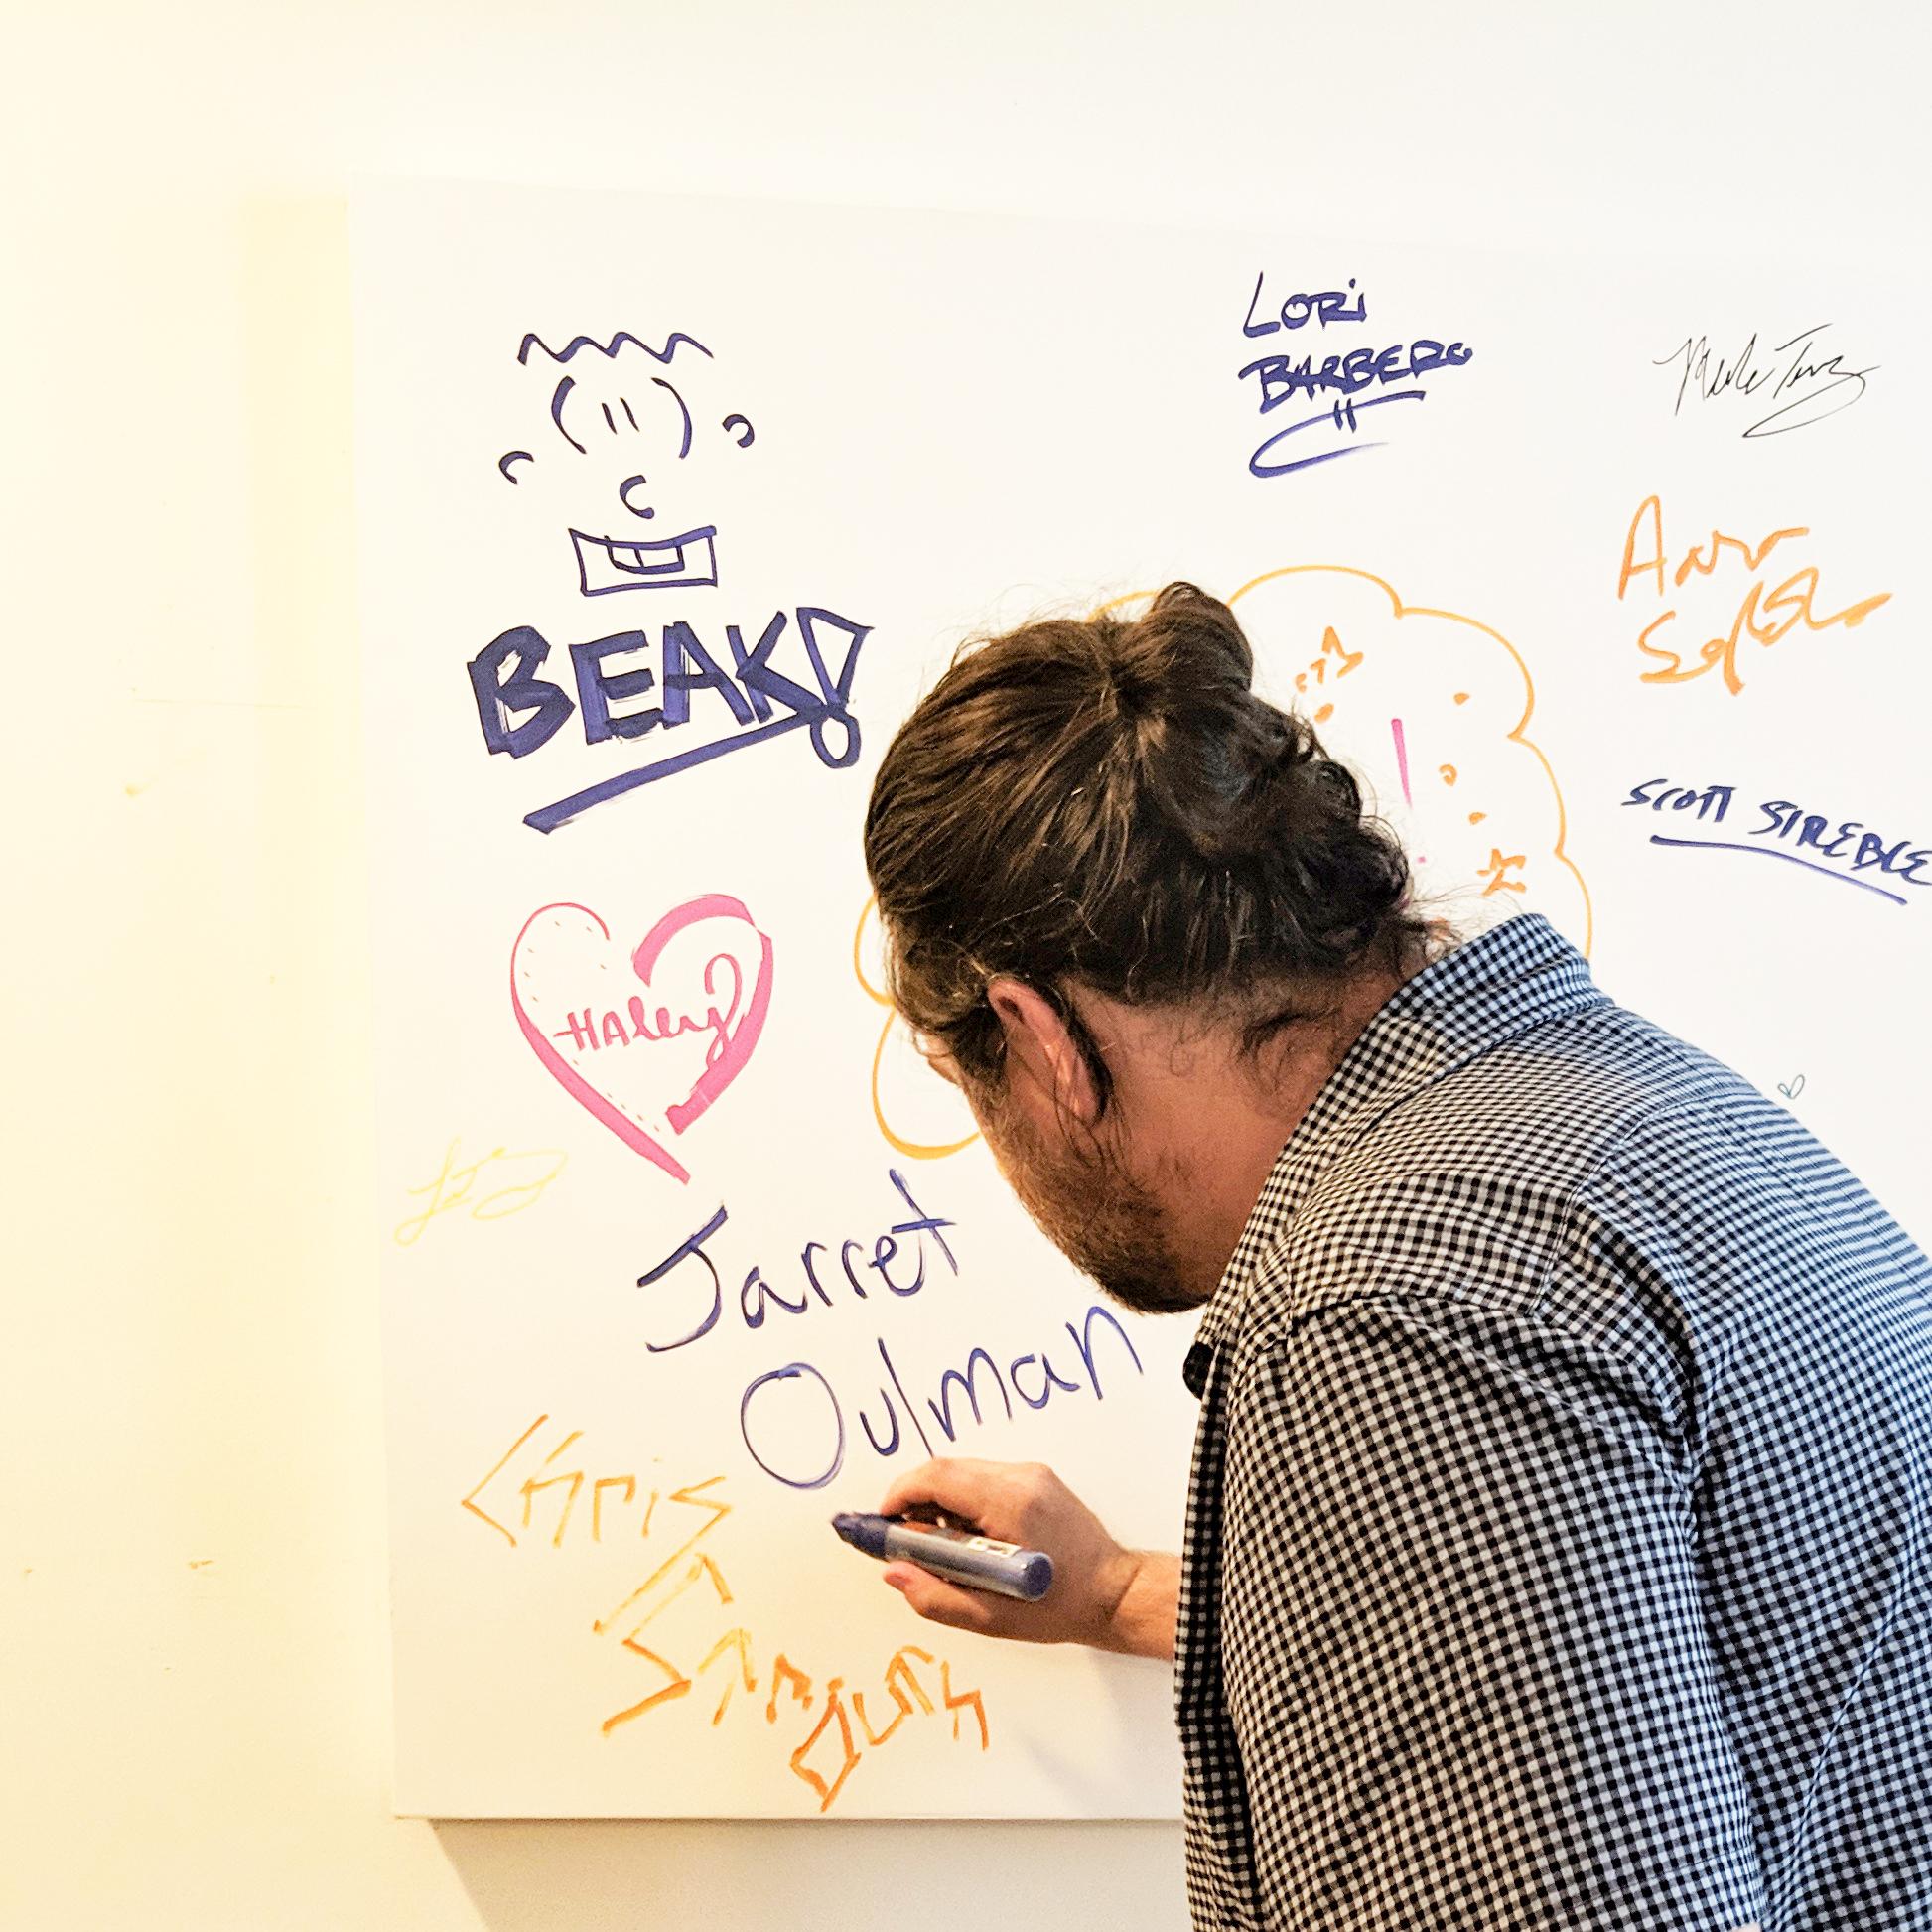 jarret-oulman-signing.jpg